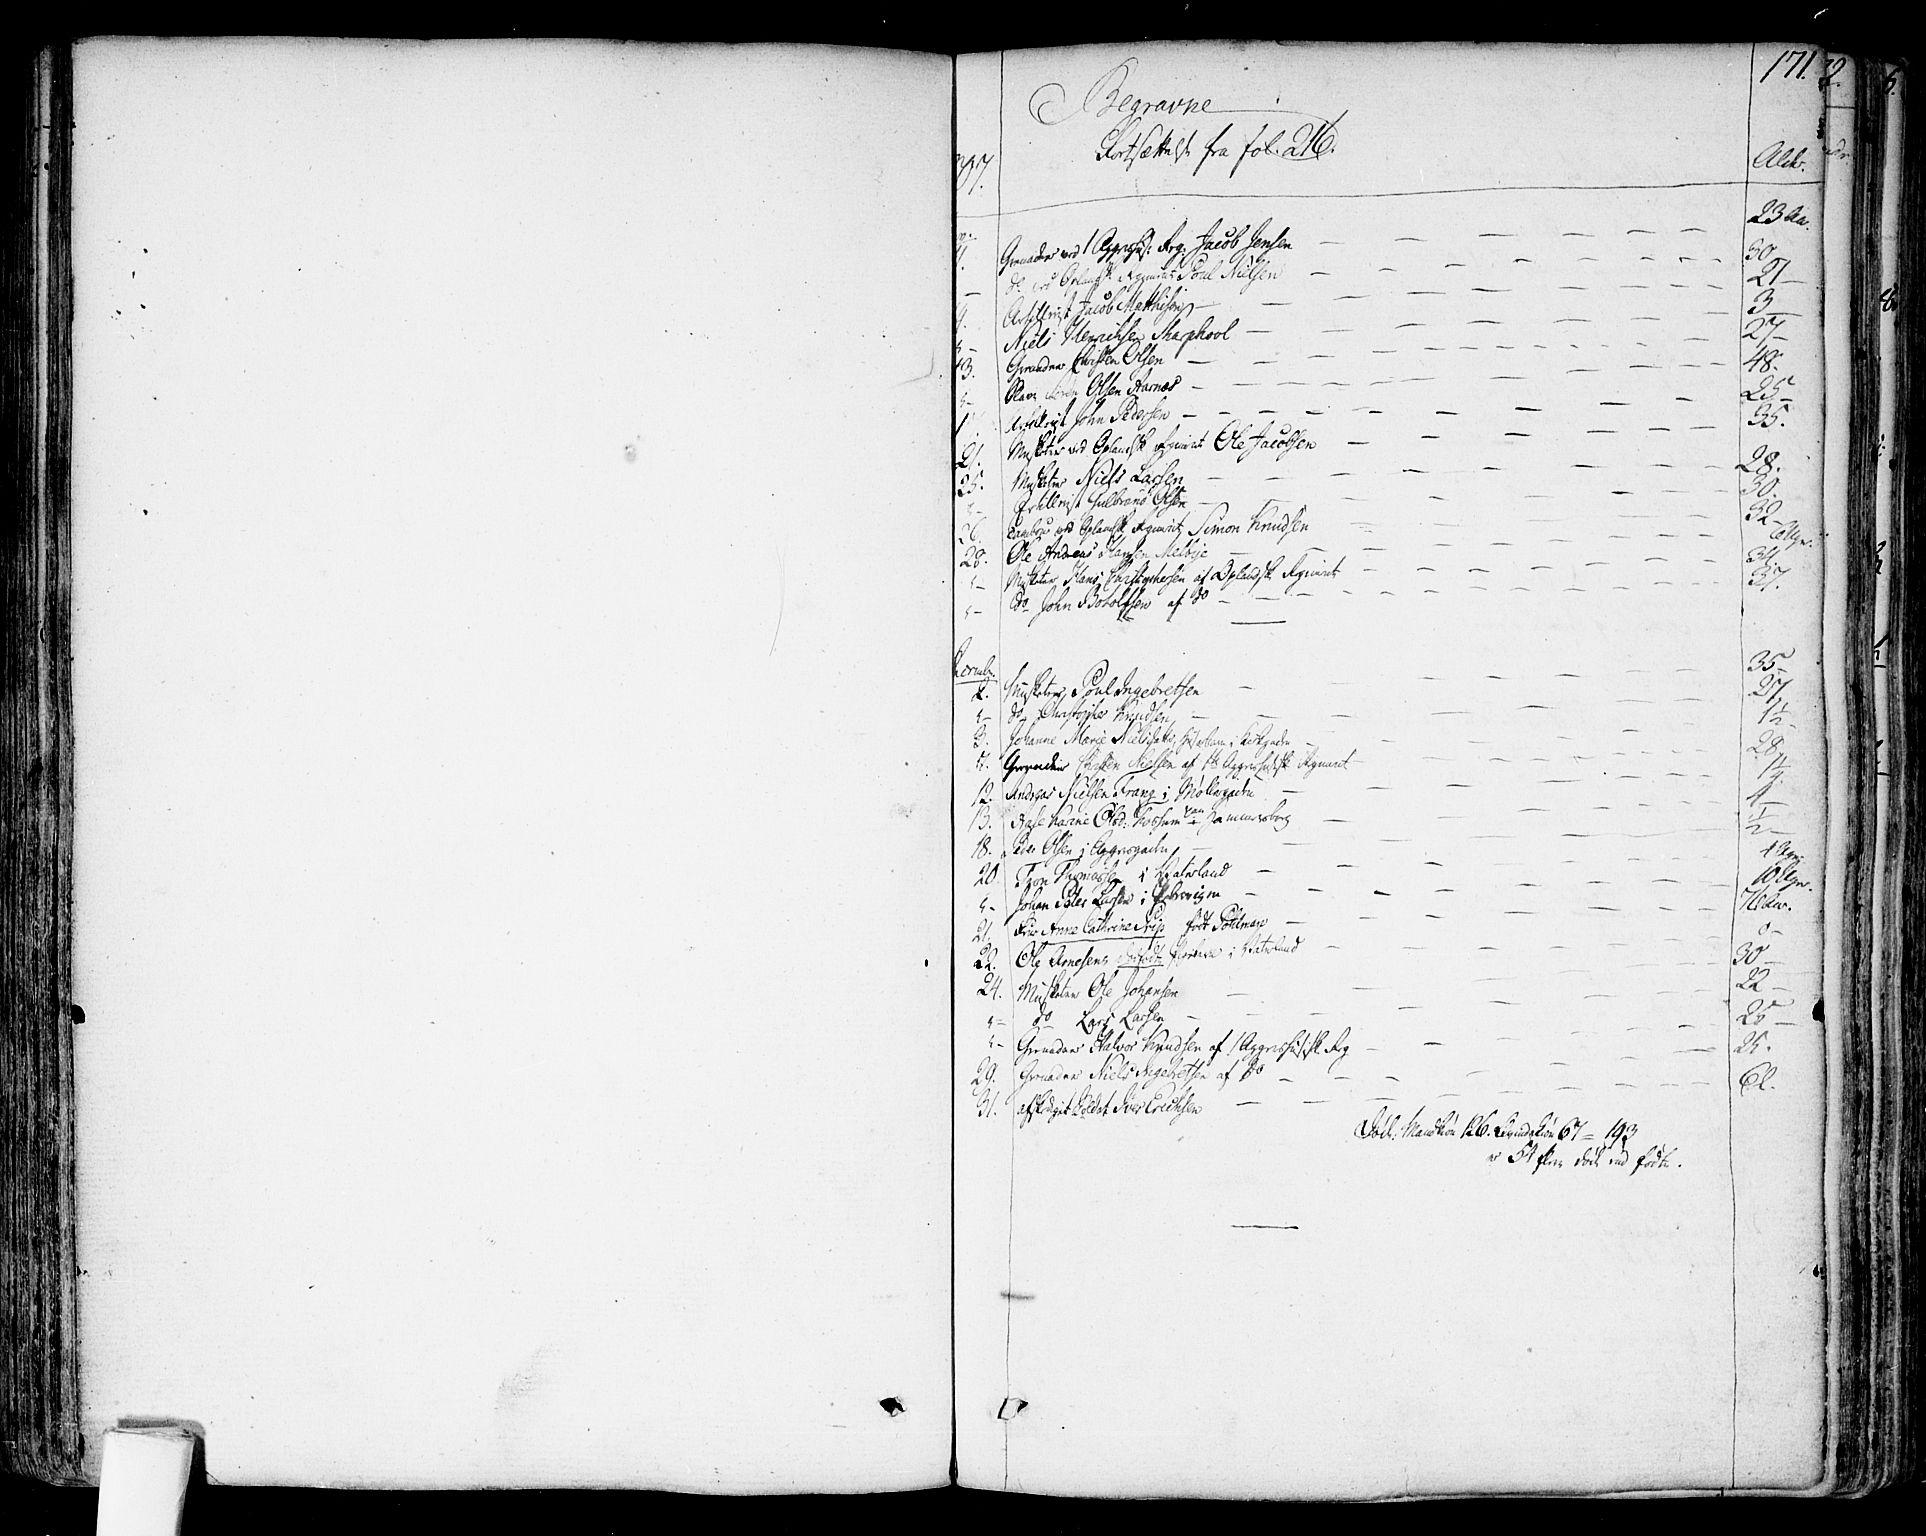 SAO, Garnisonsmenigheten Kirkebøker, F/Fa/L0003: Ministerialbok nr. 3, 1777-1809, s. 171